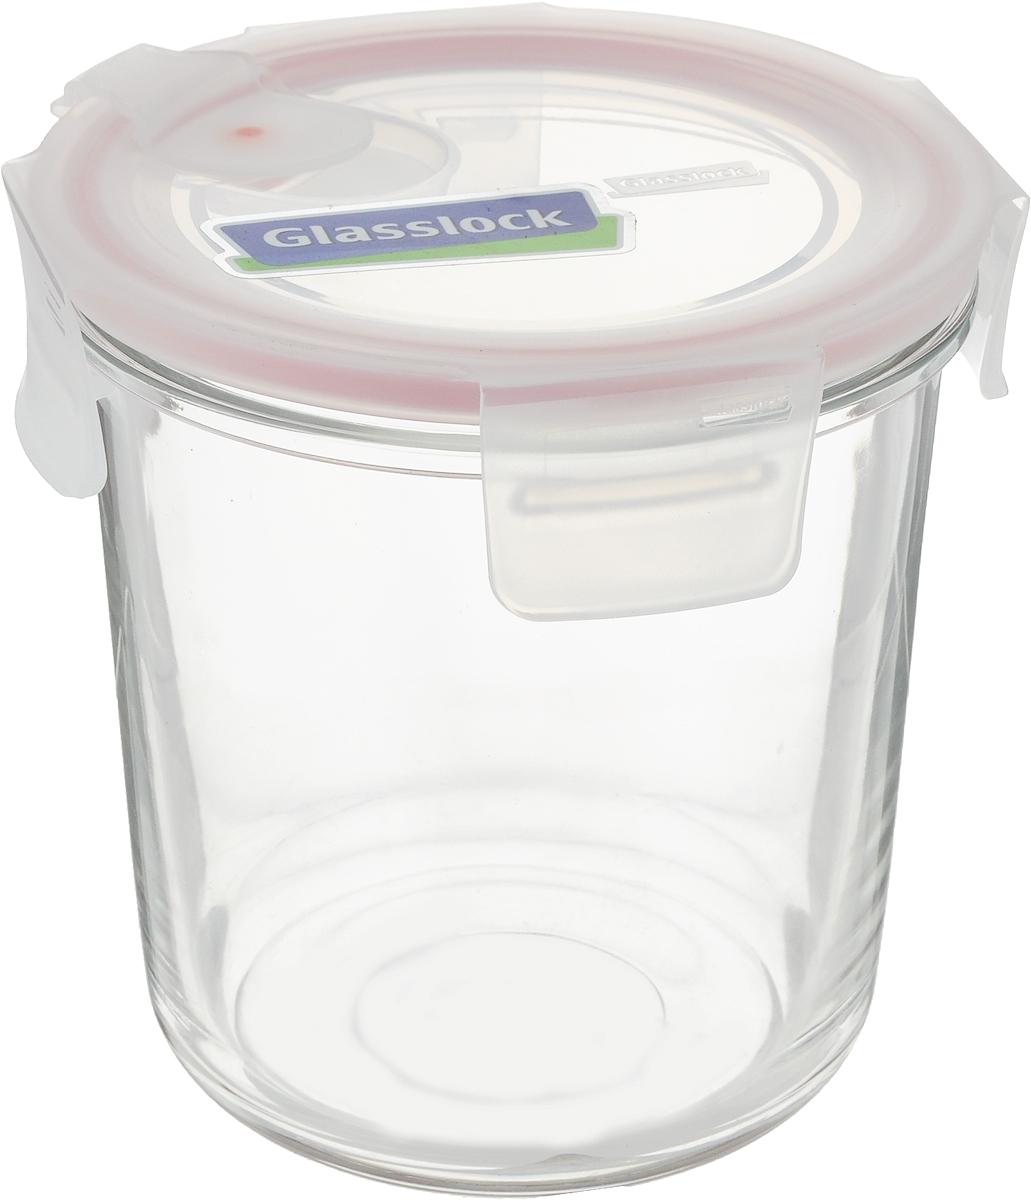 Контейнер Glasslock, круглый, цвет: прозрачный, 720 млMCCD-072AКонтейнер для хранения Glasslock изготовлен из высококачественного закаленного ударопрочного стекла. Герметичная крышка, выполненная из пластика и снабженная уплотнительной резинкой, надежно закрывается с помощью четырех защелок. Подходит для мытья в посудомоечной машине, хранения в холодильных и морозильных камерах, использования в микроволновых печах.Стеклянная посуда нового поколения от Glasslock экологична, не содержит токсичных и ядовитых материалов; превосходная герметичность позволяет сохранять свежесть продуктов; покрытие не впитывает запах продуктов; имеет утонченный европейский дизайн - прекрасное украшение стола.Диаметр контейнера: 11 см.Высота контейнера (с учетом крышки): 12 см.